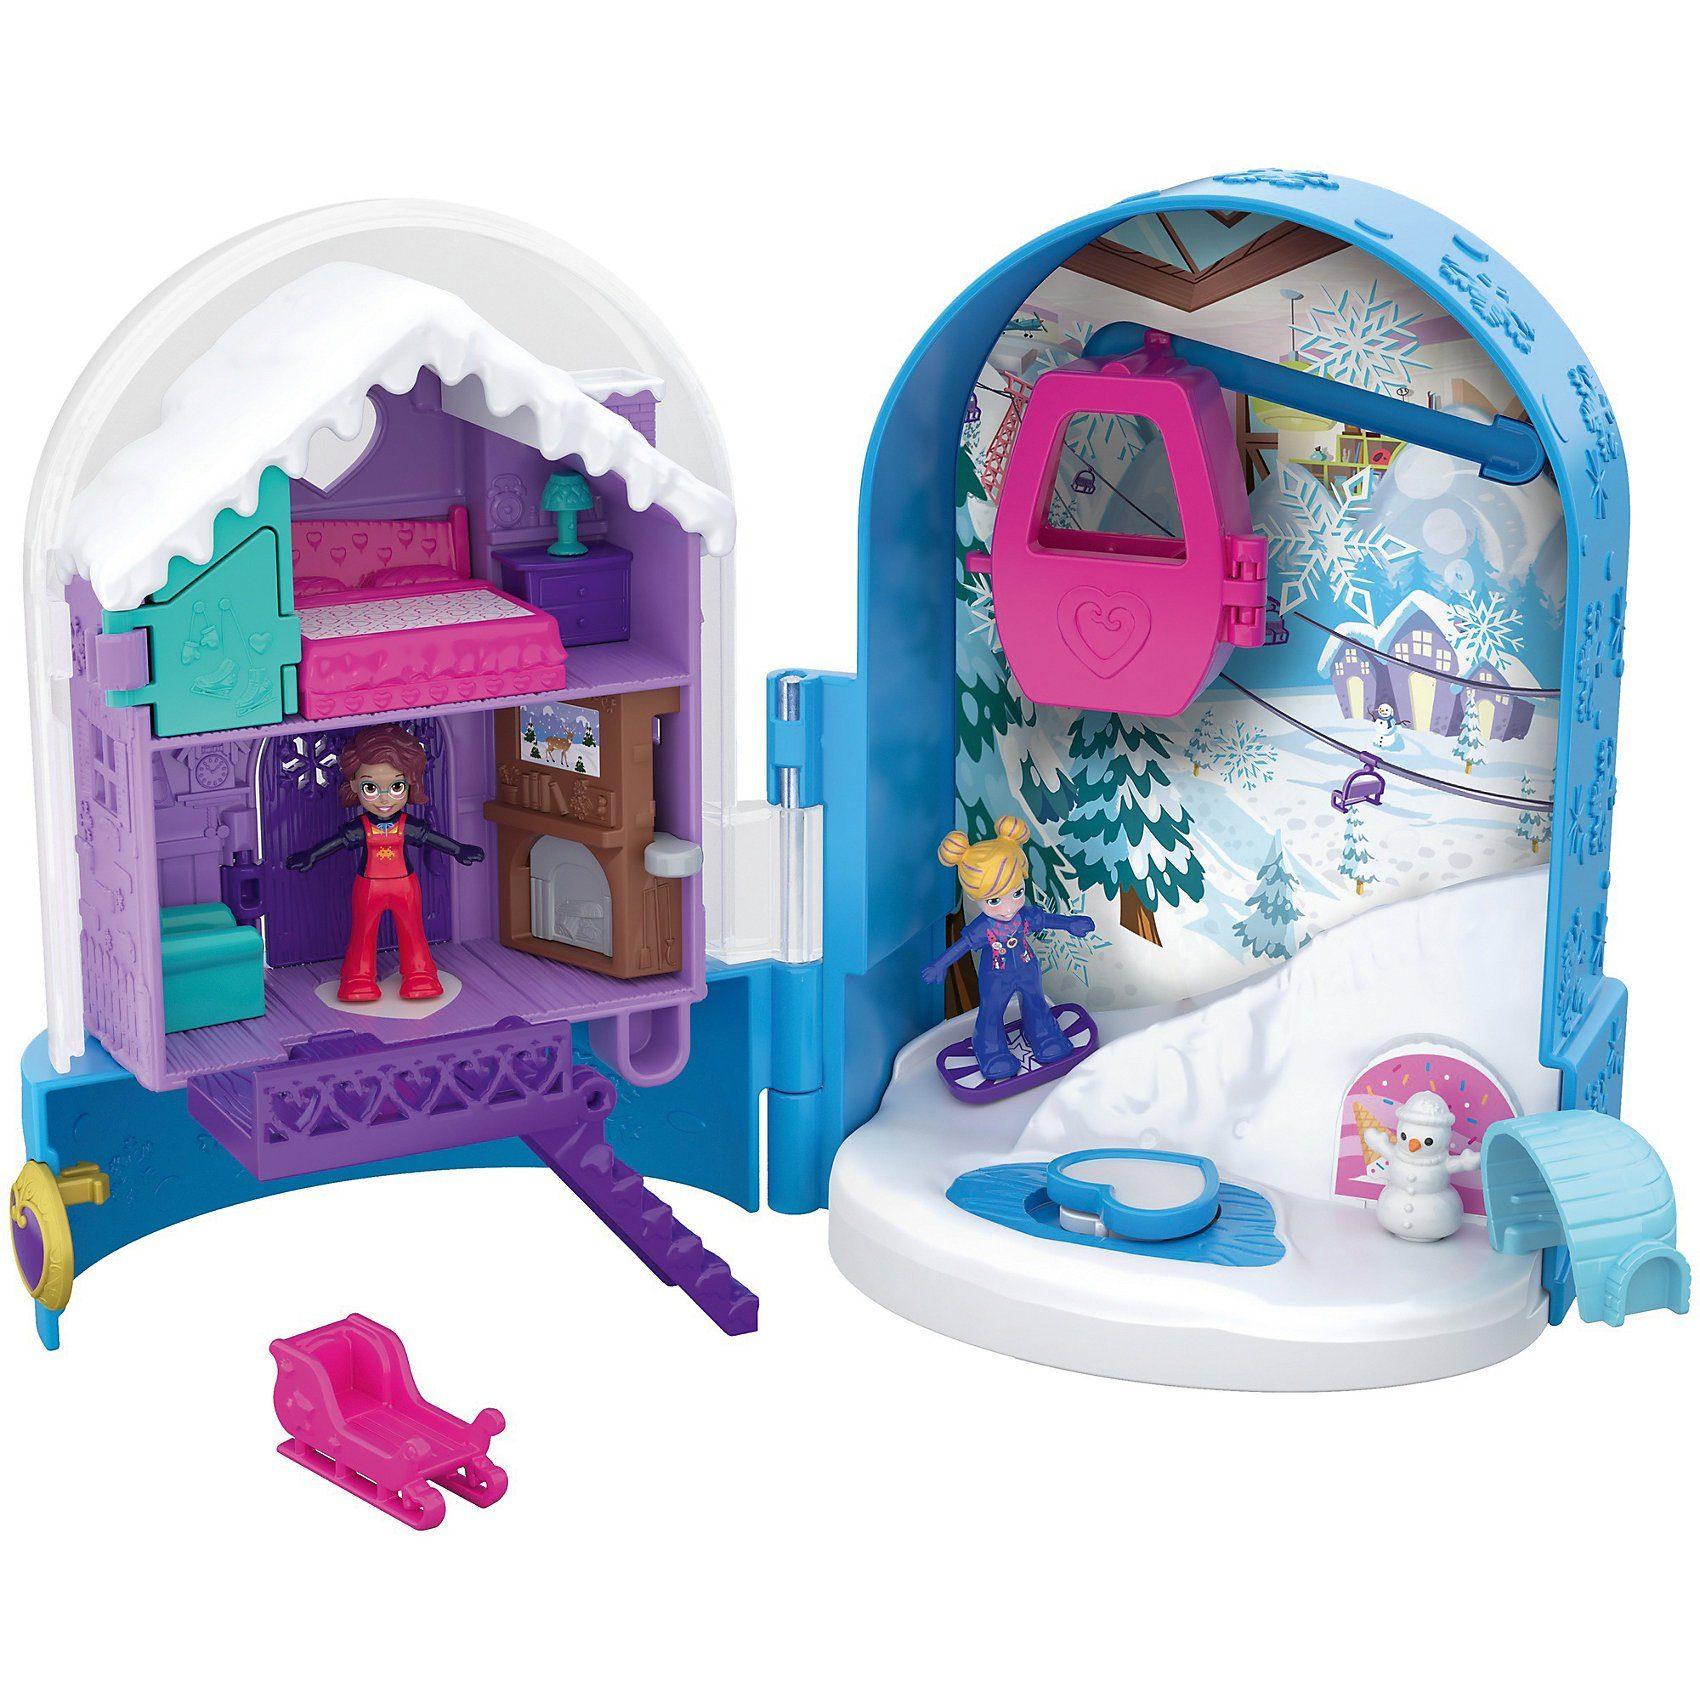 Mattel® Polly Pocket Pocket World Schneespaß Schatulle